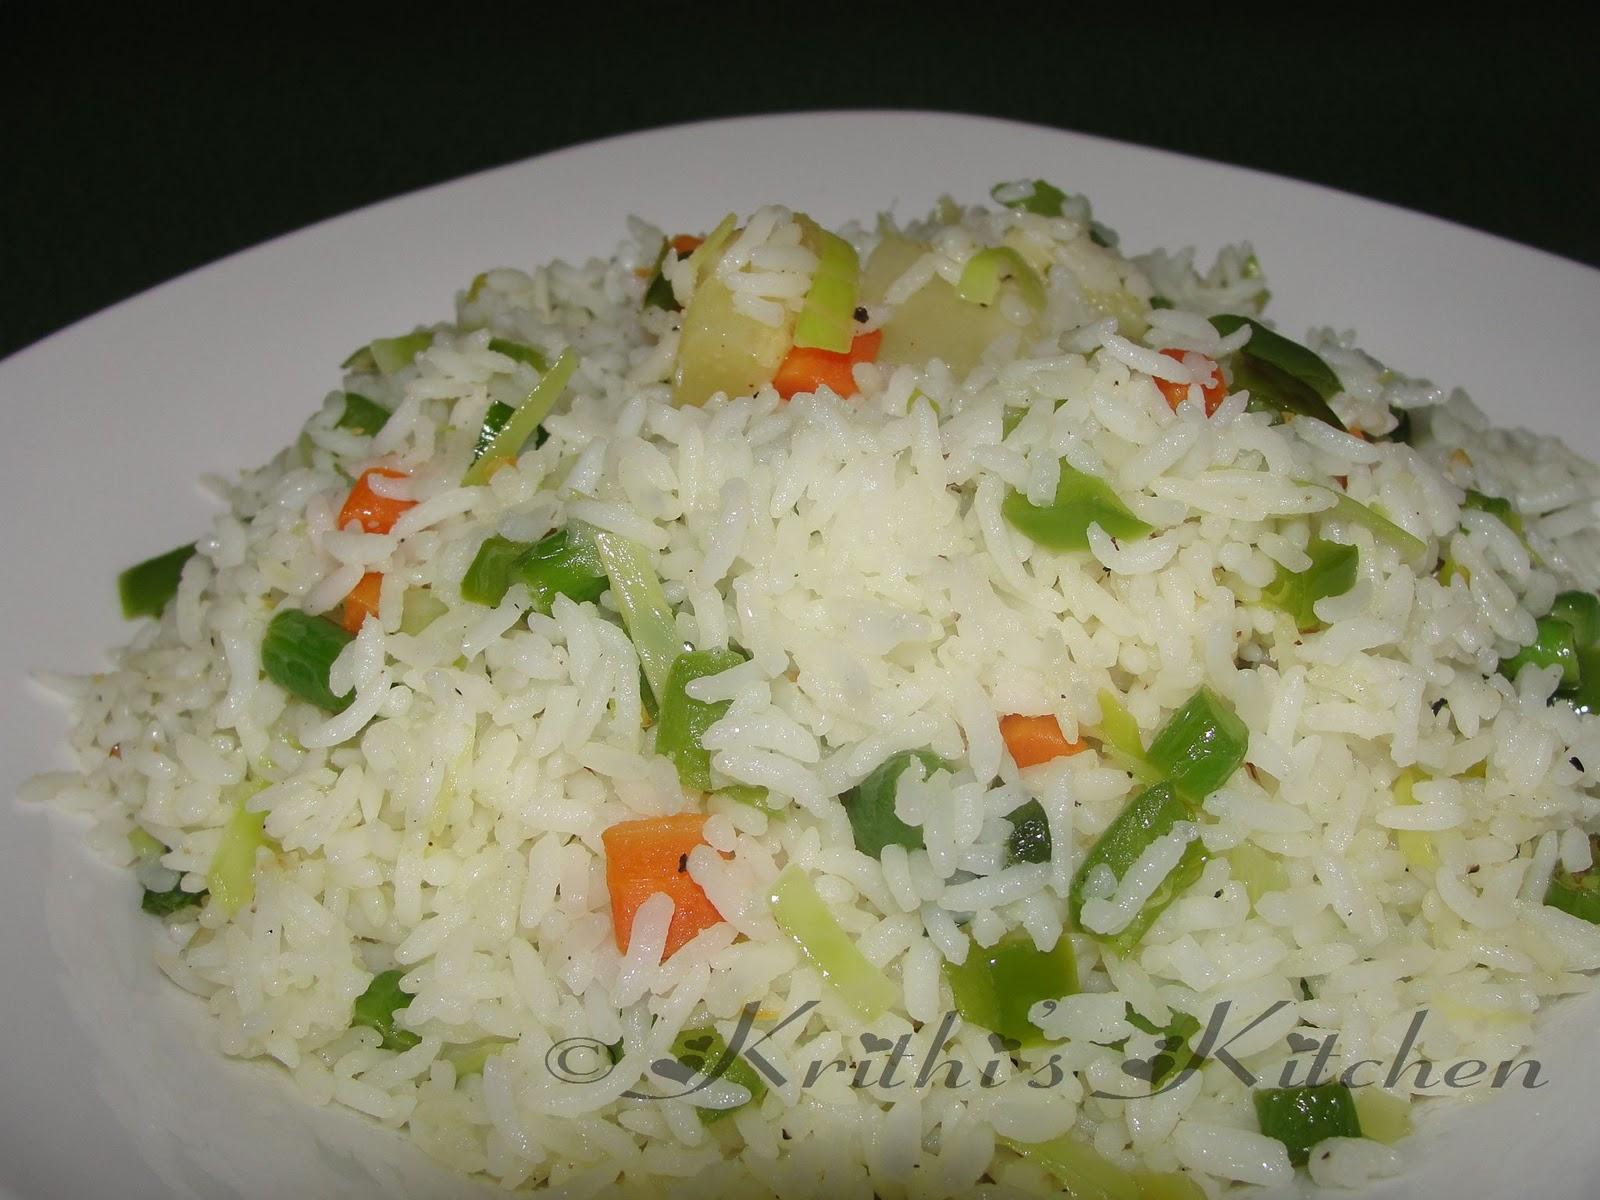 Krithi's Kitchen: Hawaiian Fried Rice